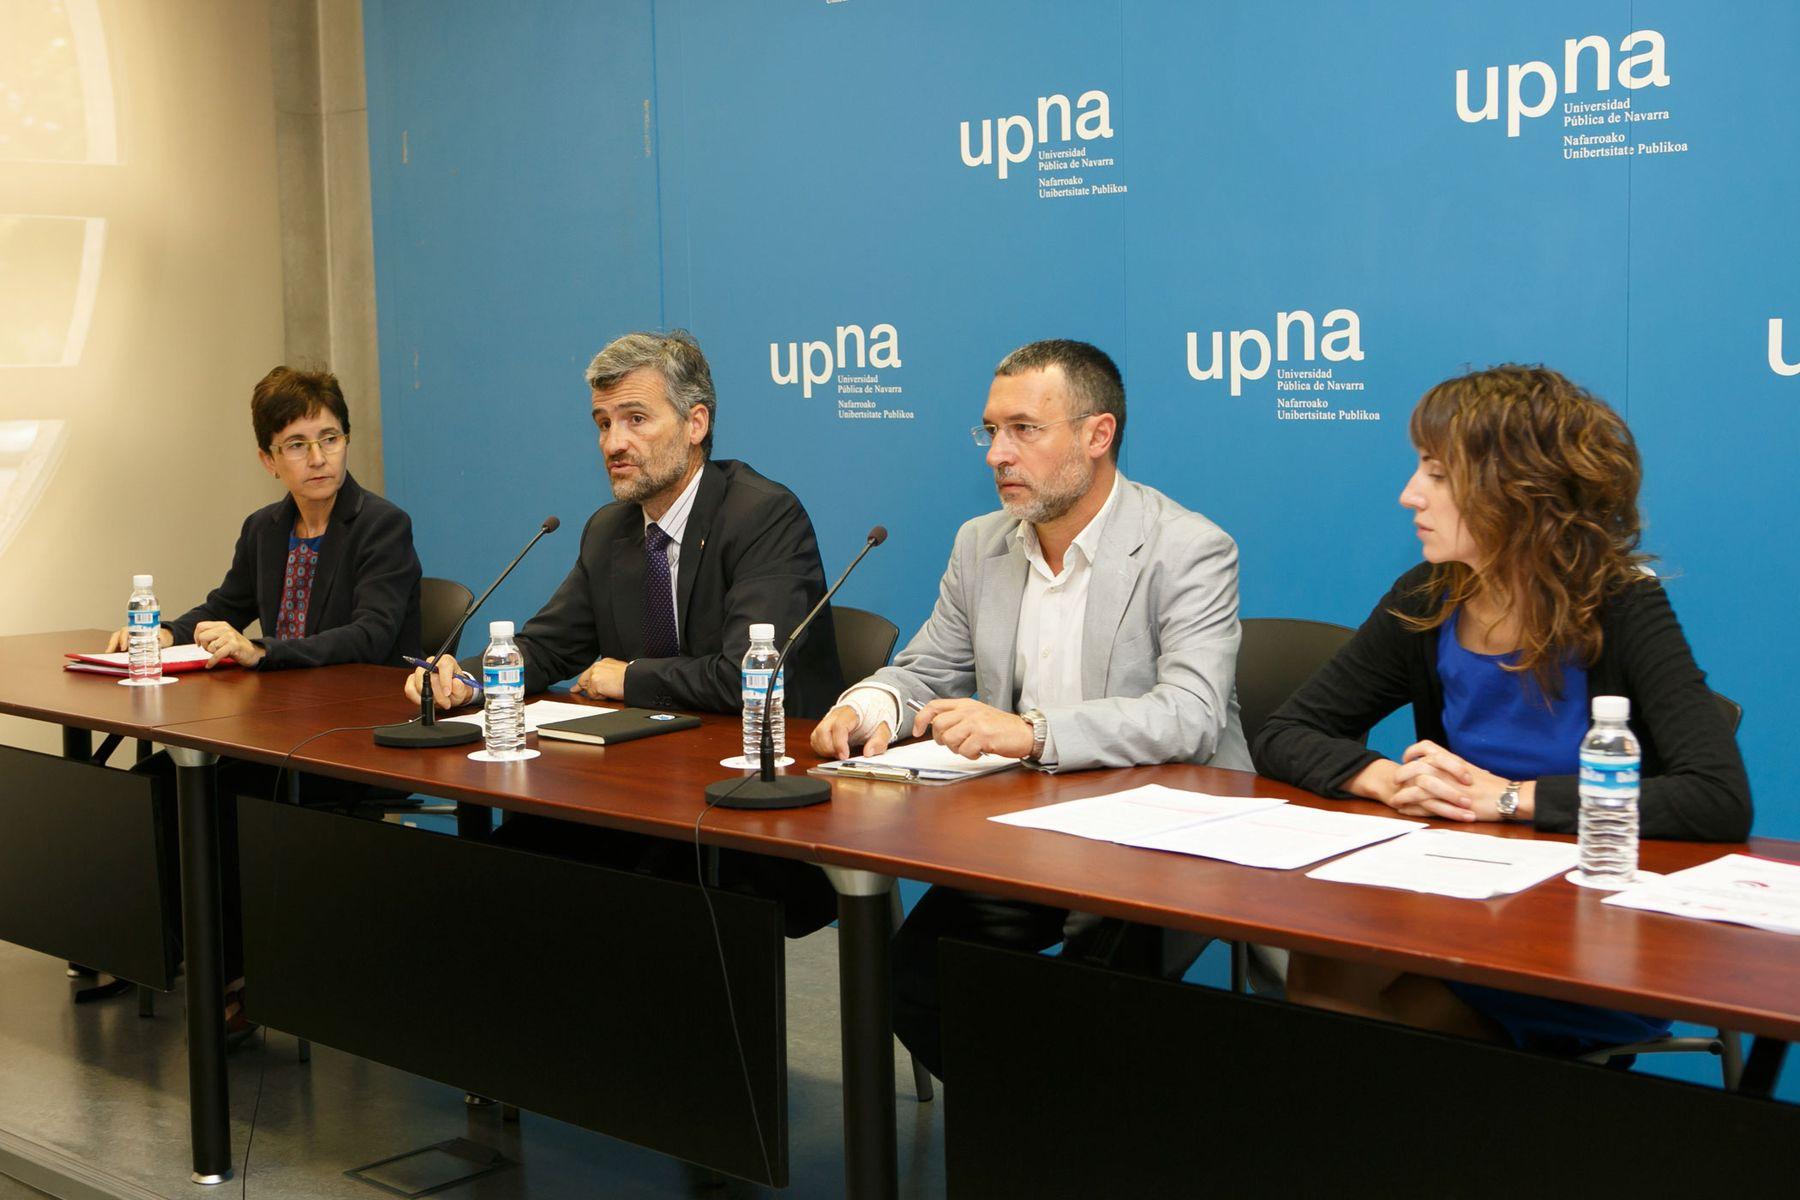 De izquierda a derecha, Sagrario Anaut, Alfonso Carlosena, Miguel Laparra y Nerea Zugasti, durante la rueda de prensa en la que se ha presentado el informe.